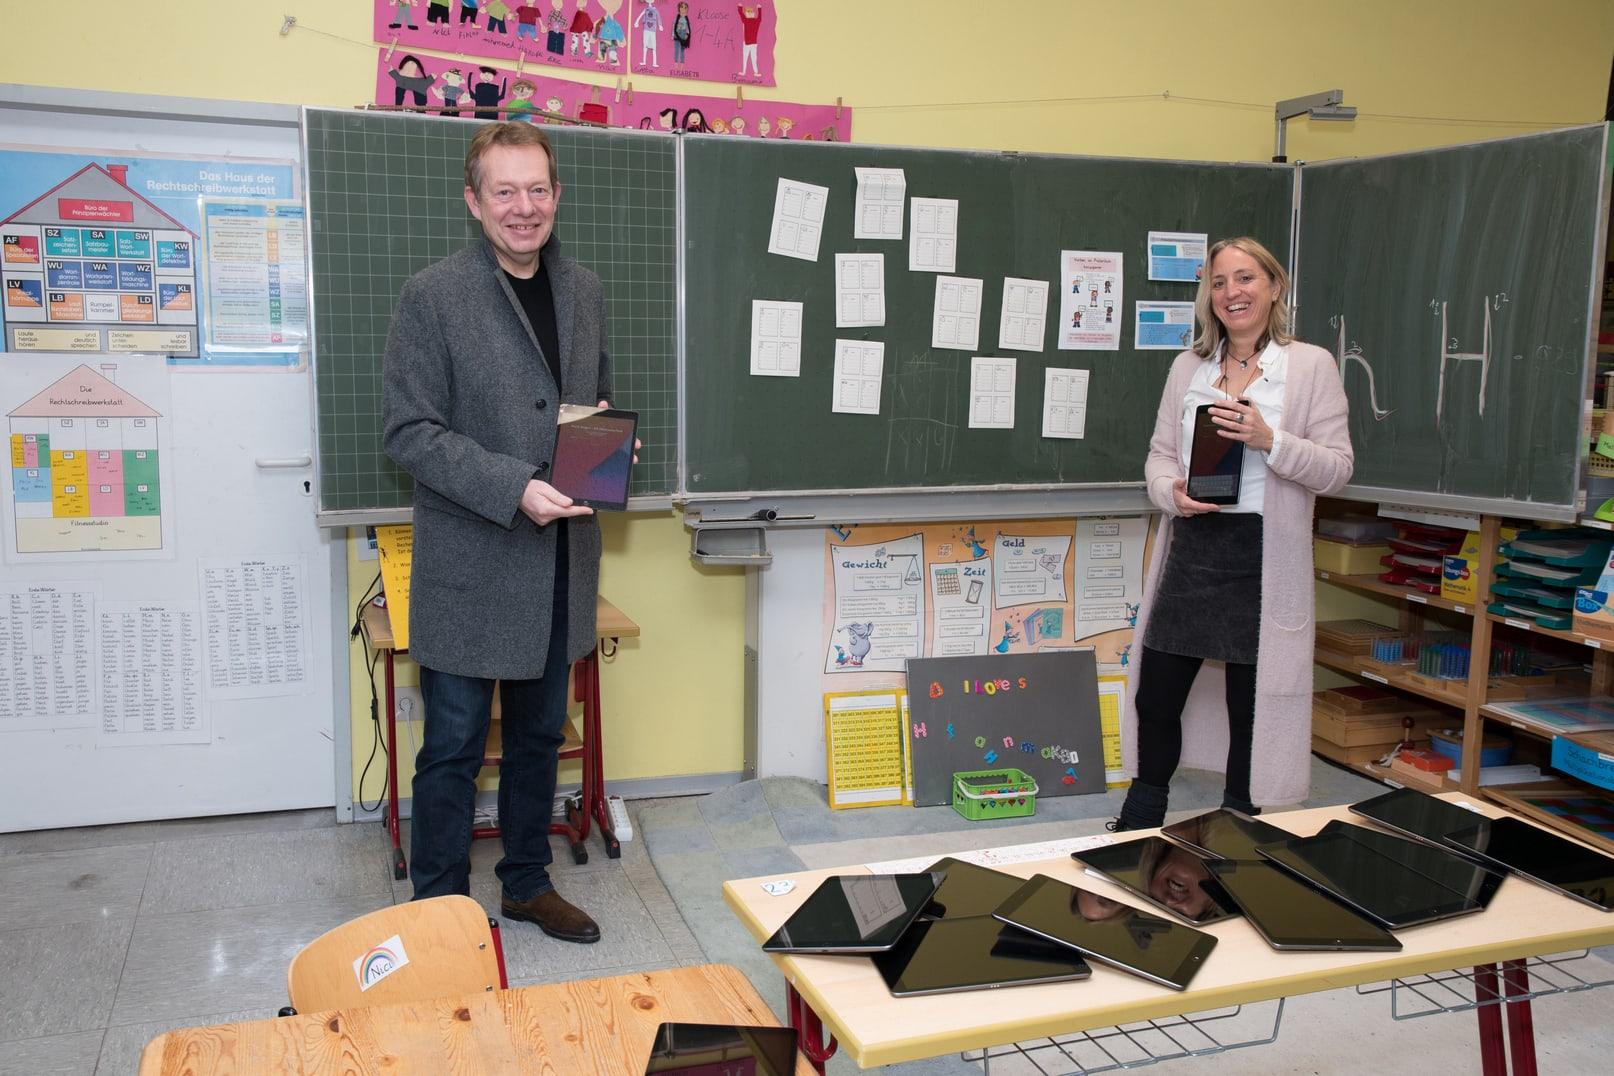 Bild: Mobile Endgeräte ausgeliefert: Über 1.900 Tablets für Digital-Unterricht an Siegener Schulen